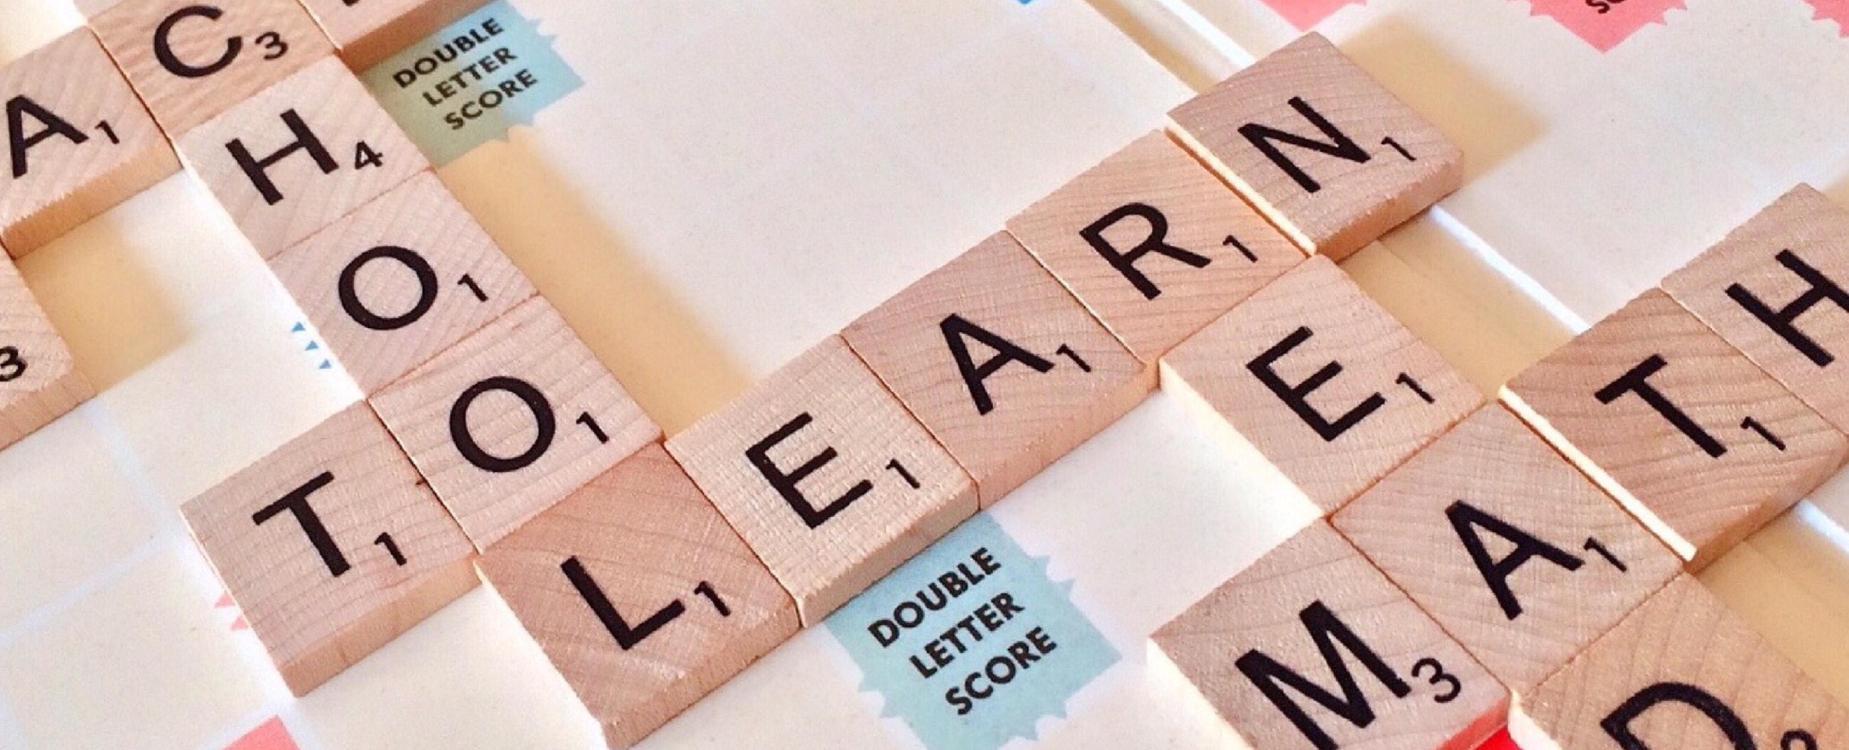 Scrabble board